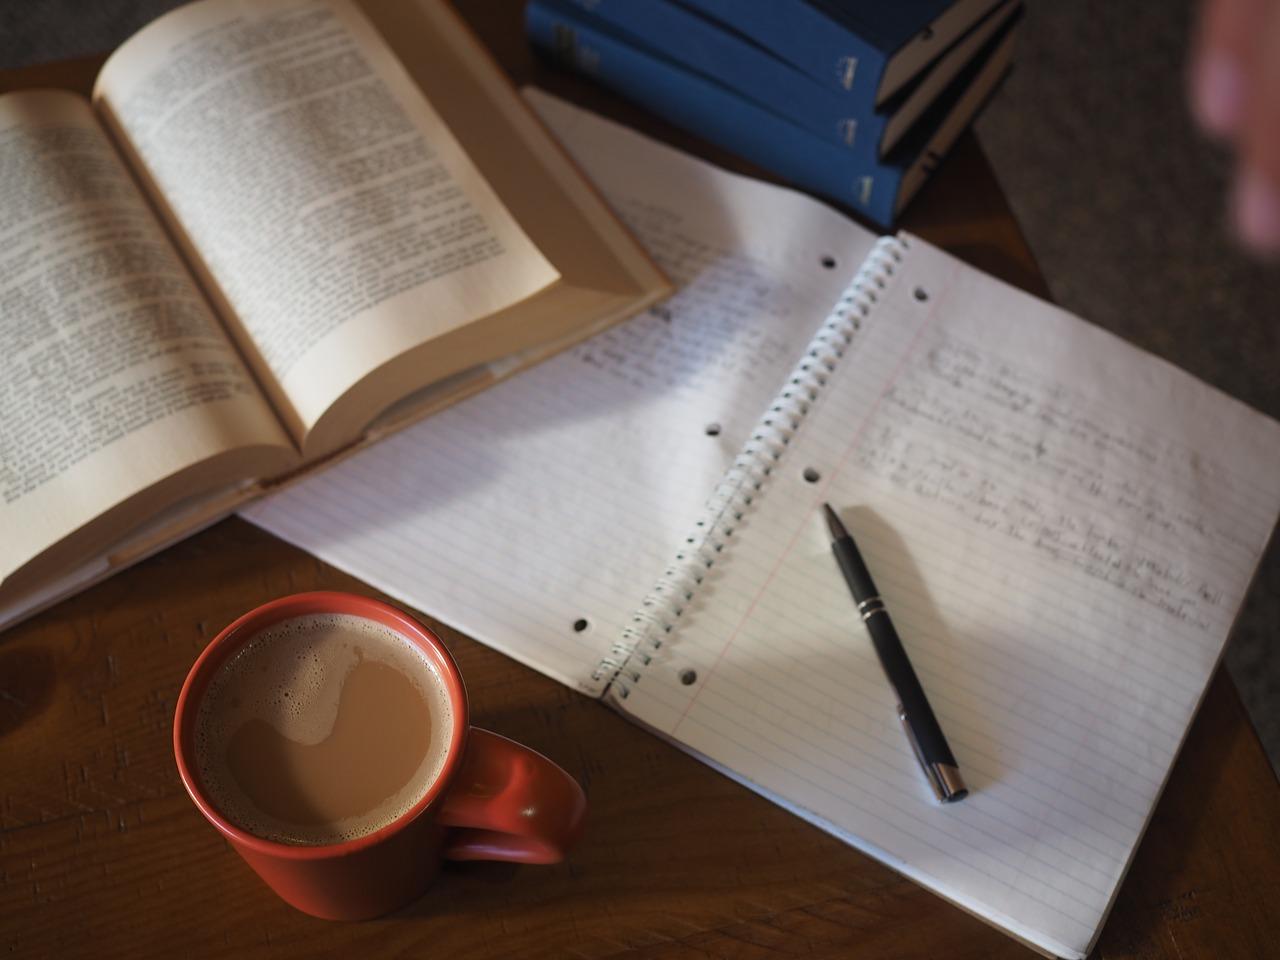 大学のテスト勉強について 勉強方法と対策はどのようにするべき